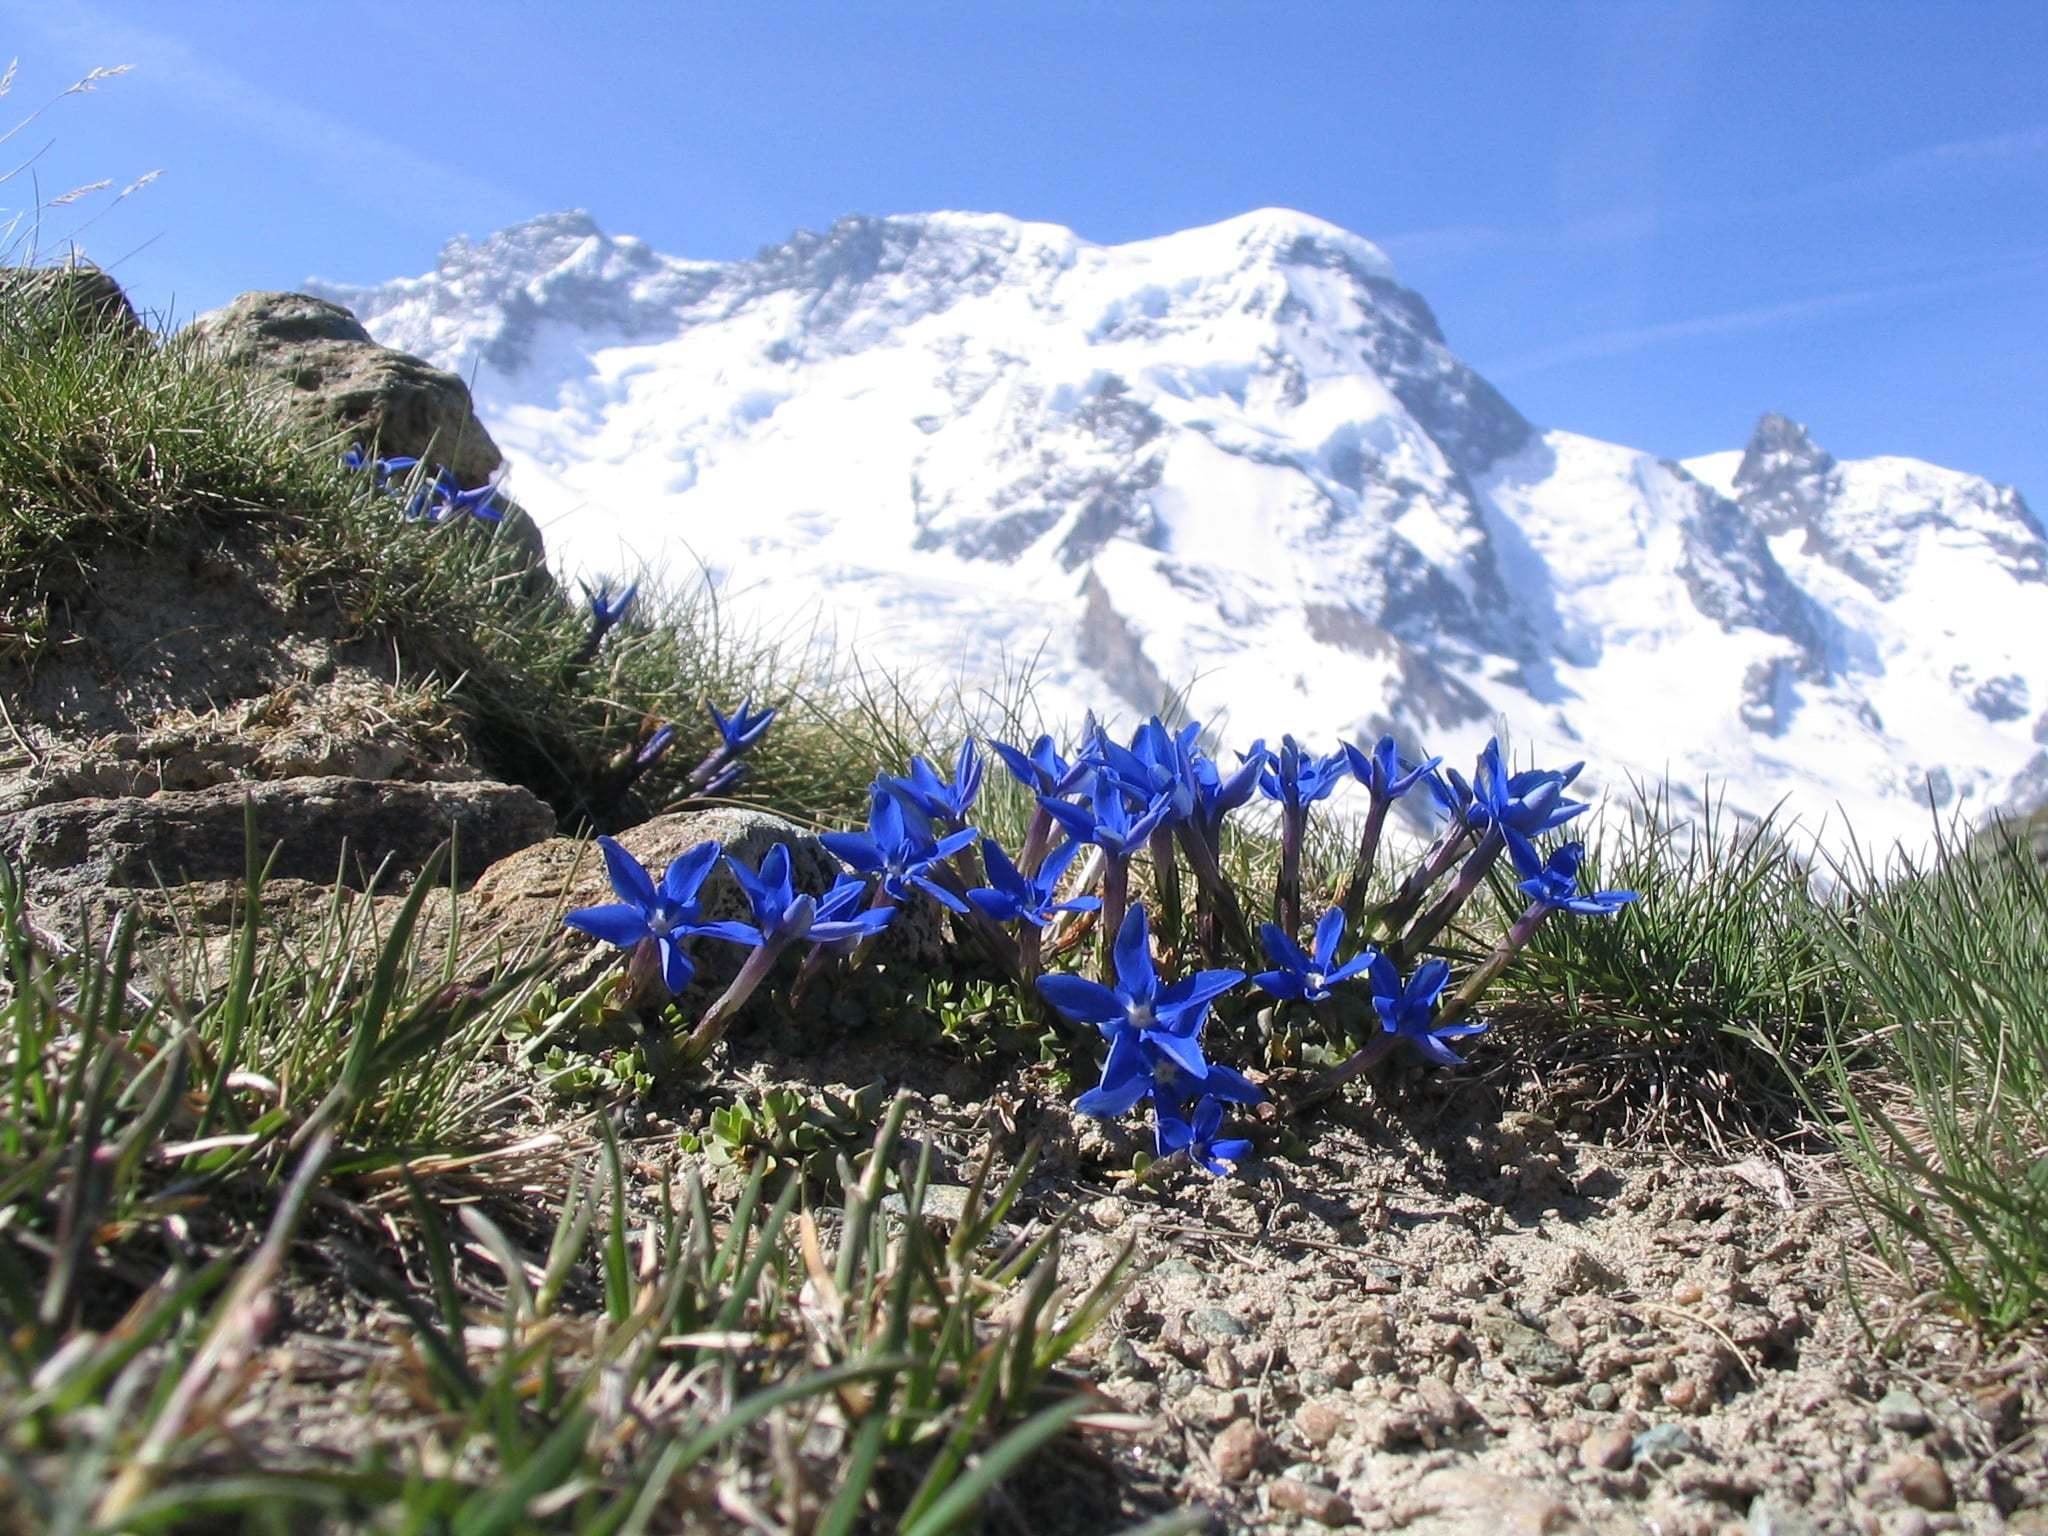 Karlı Alp Dağları Manzarası